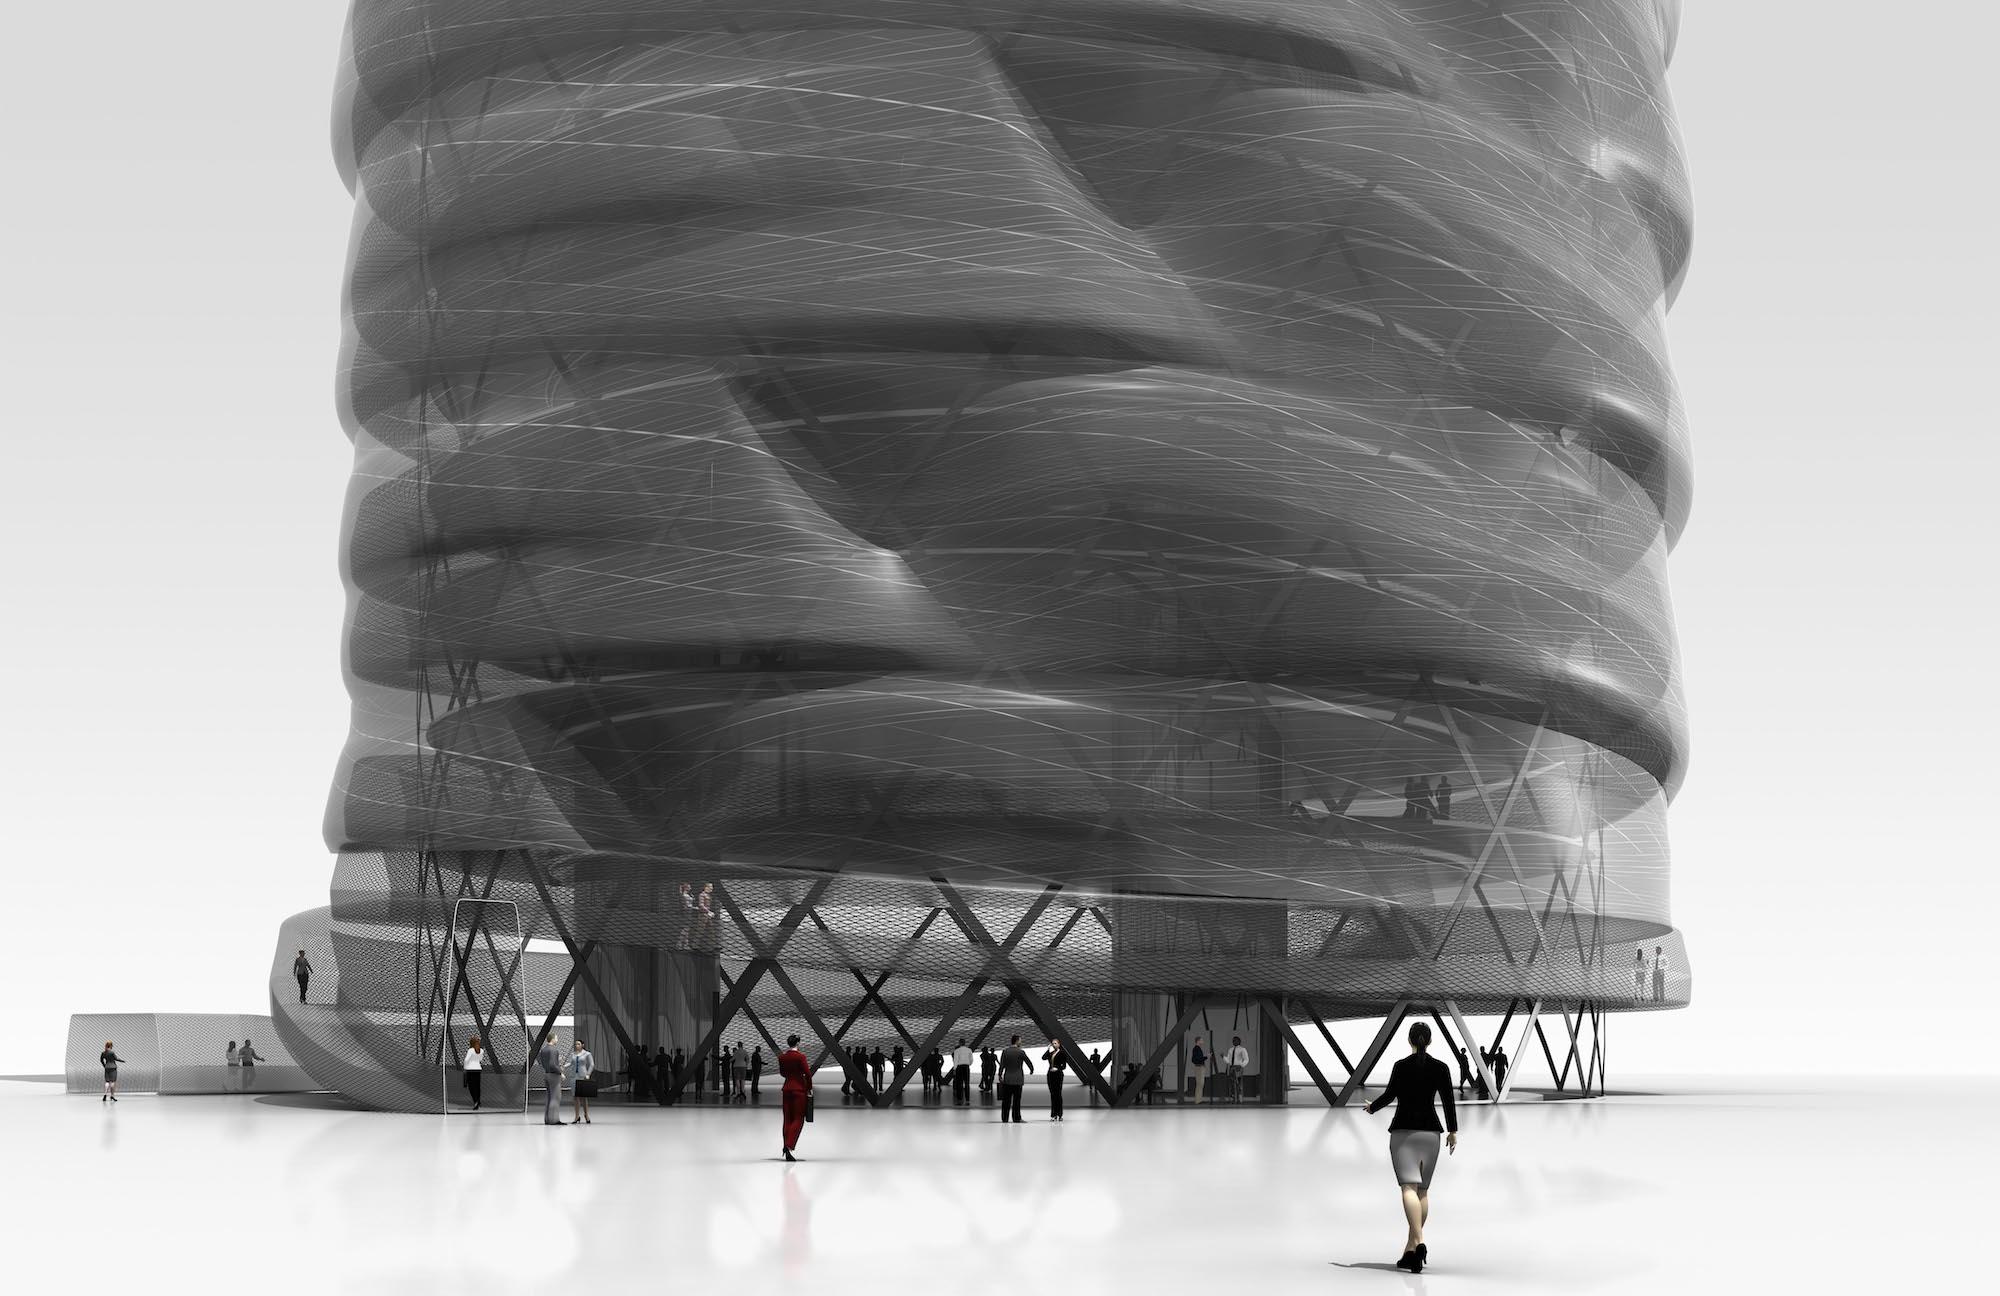 Carbon Tower by   Testa & Weiser